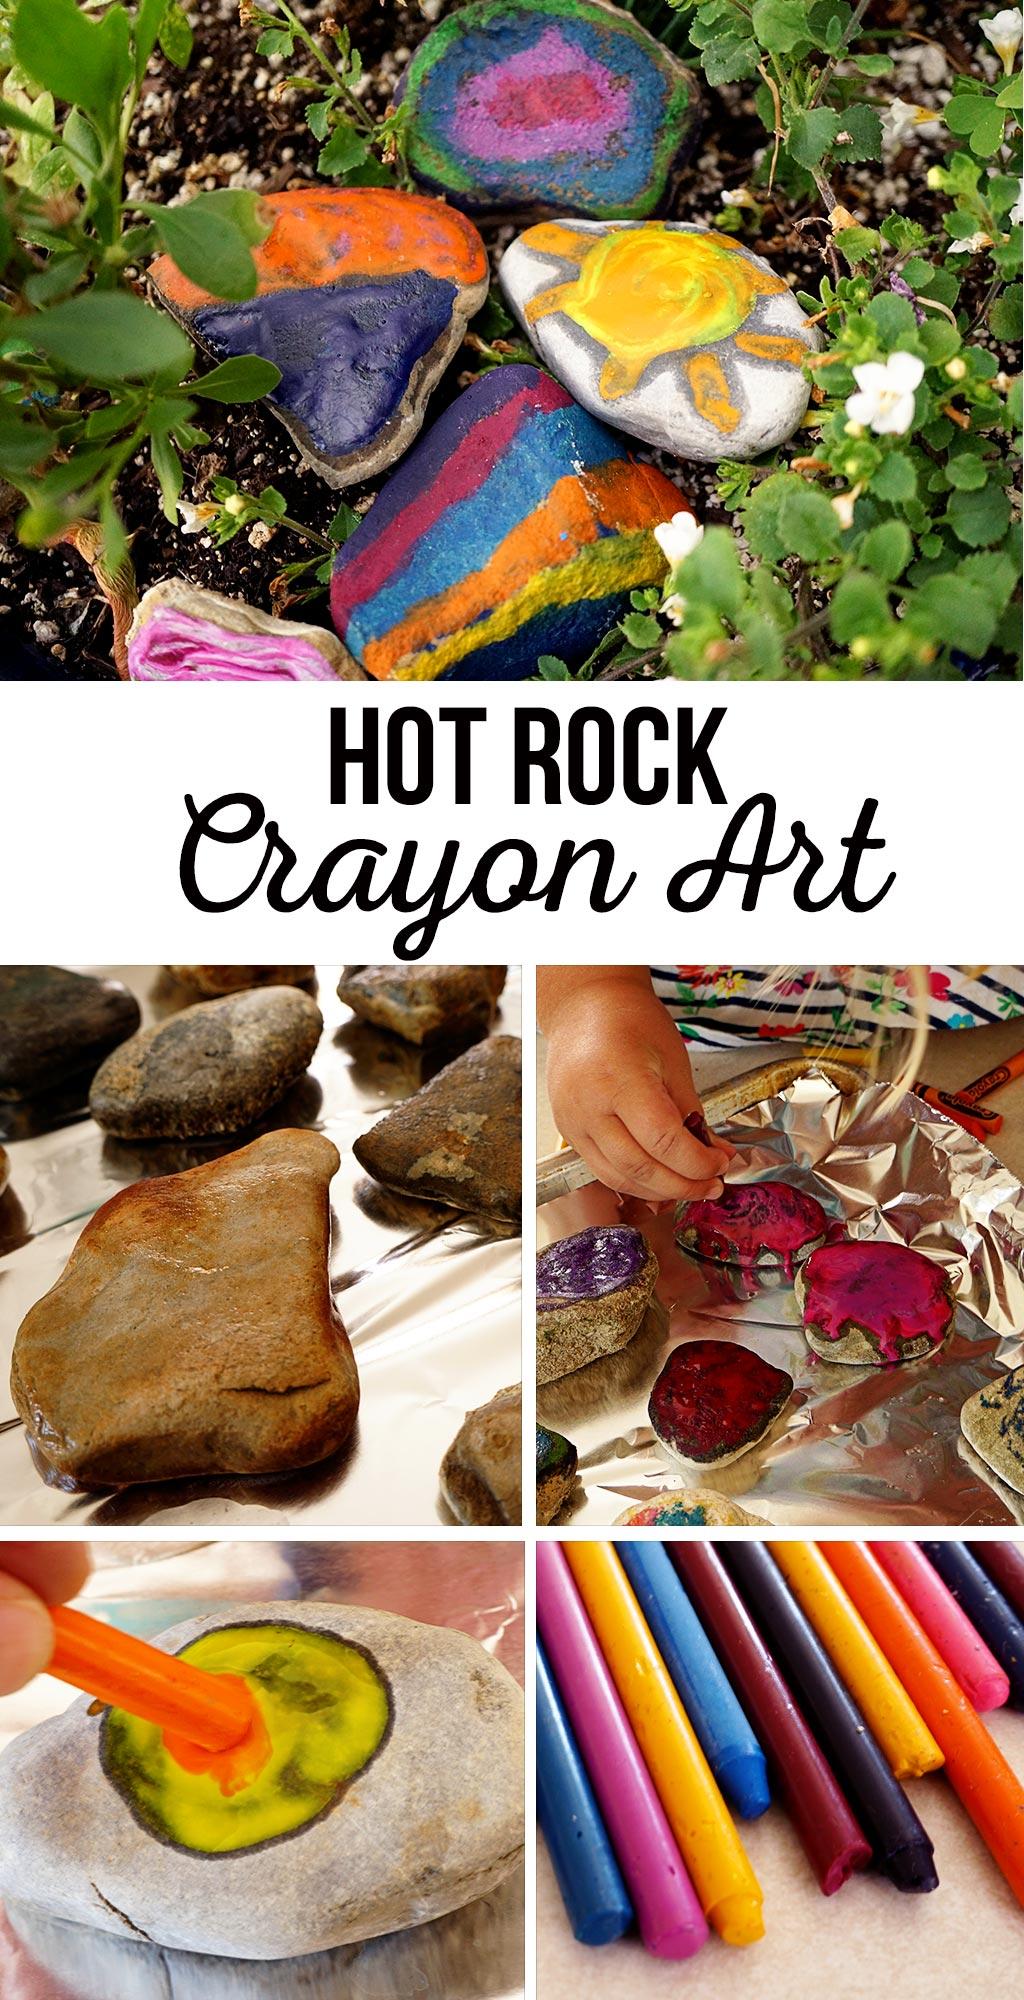 Hot Rock Crayon Art